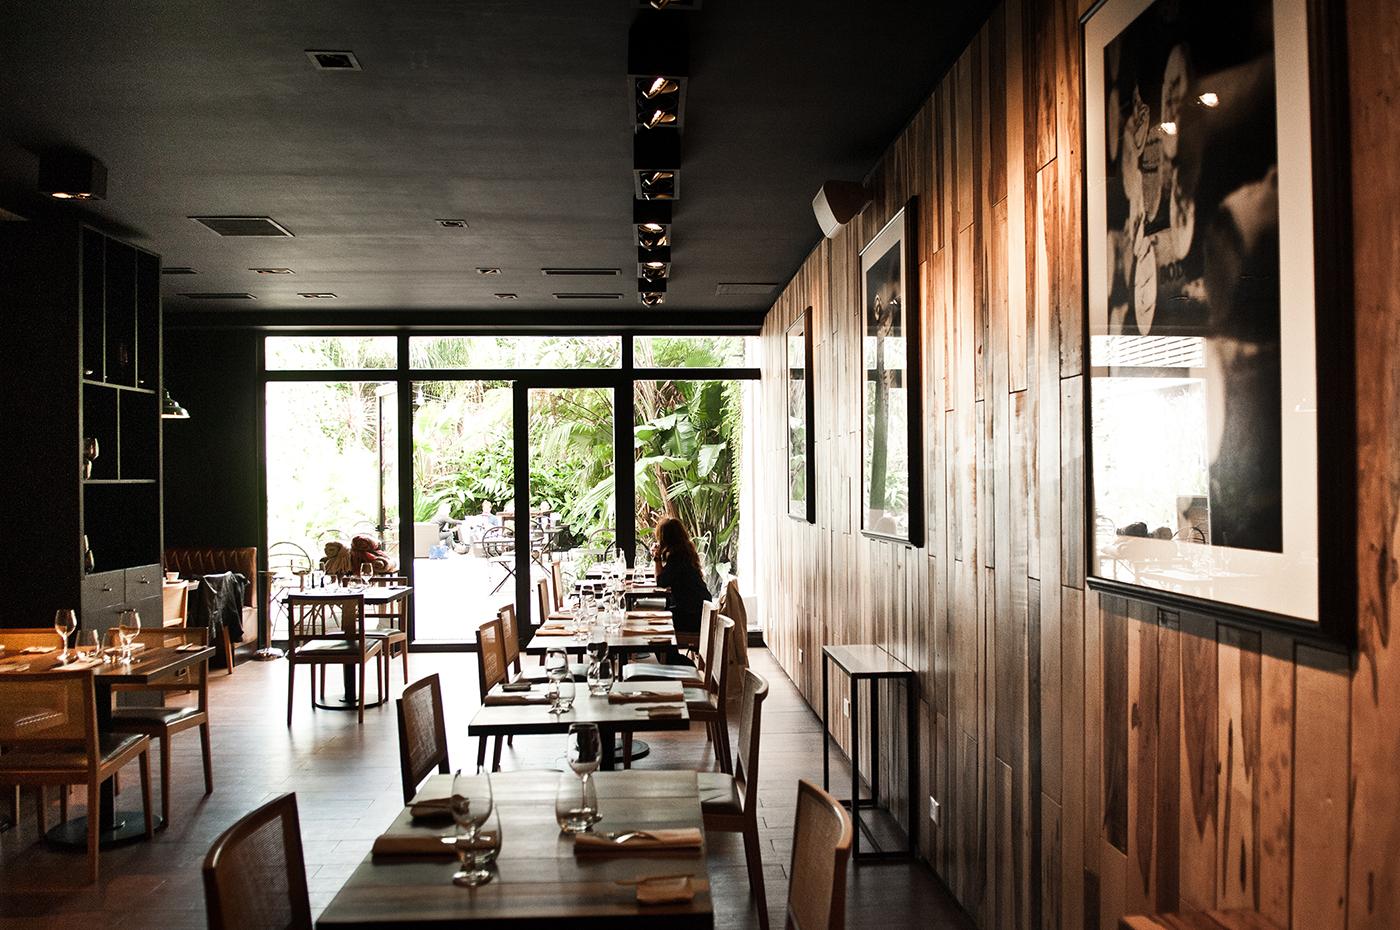 UCO Restaurant & garden view